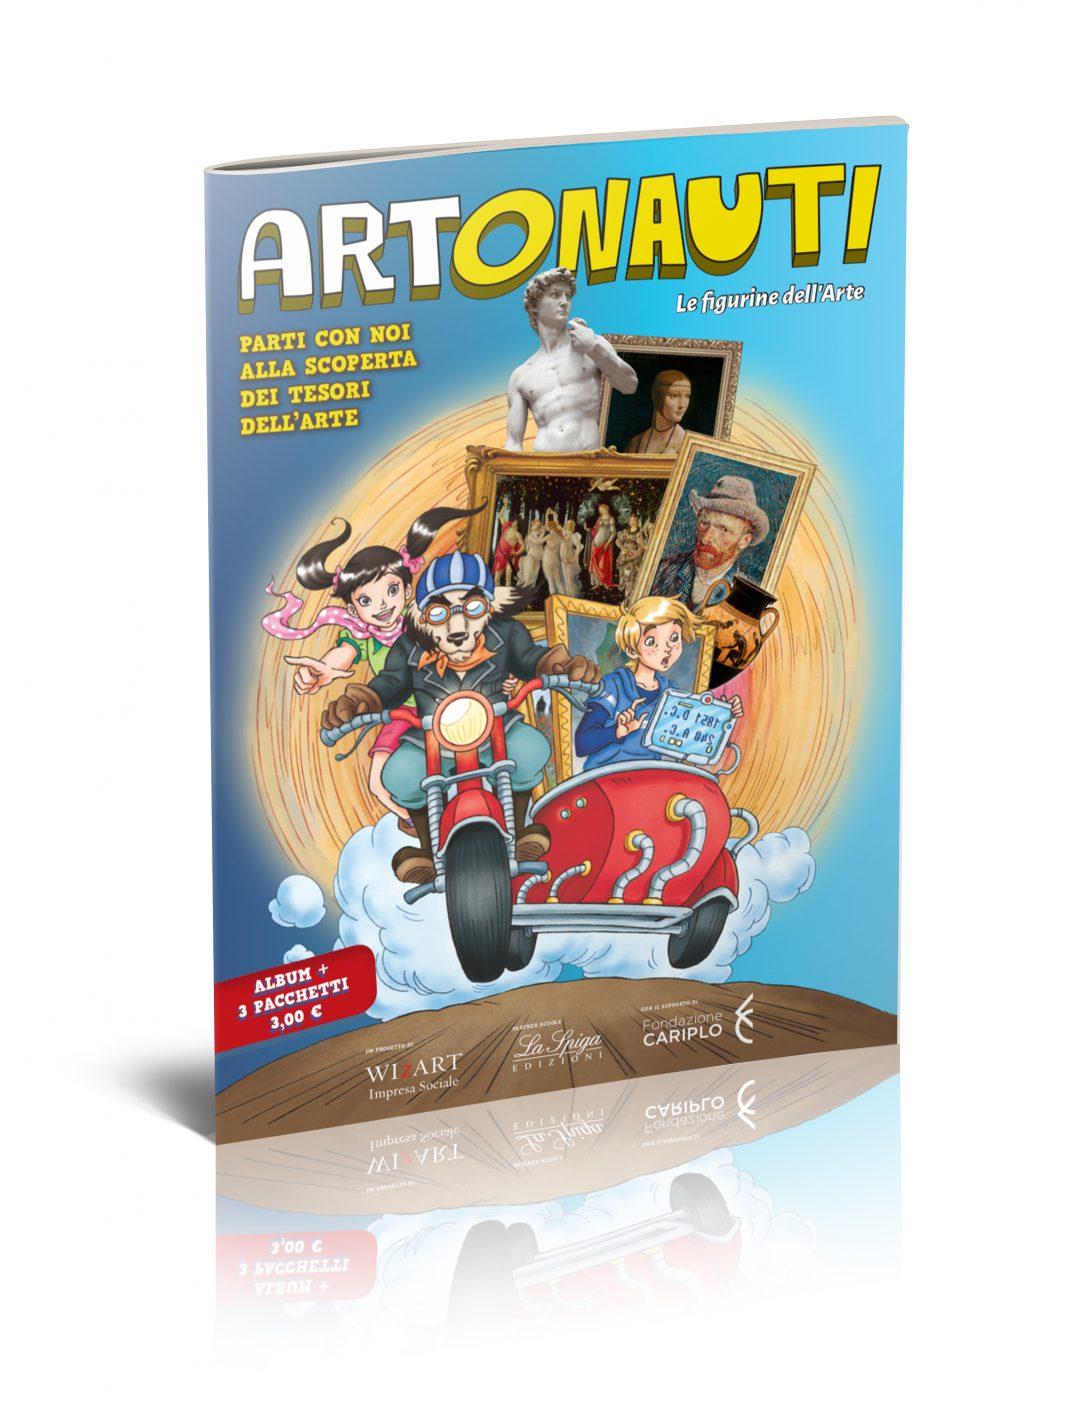 Artonauti-cover-2019_ok-e1550680754474